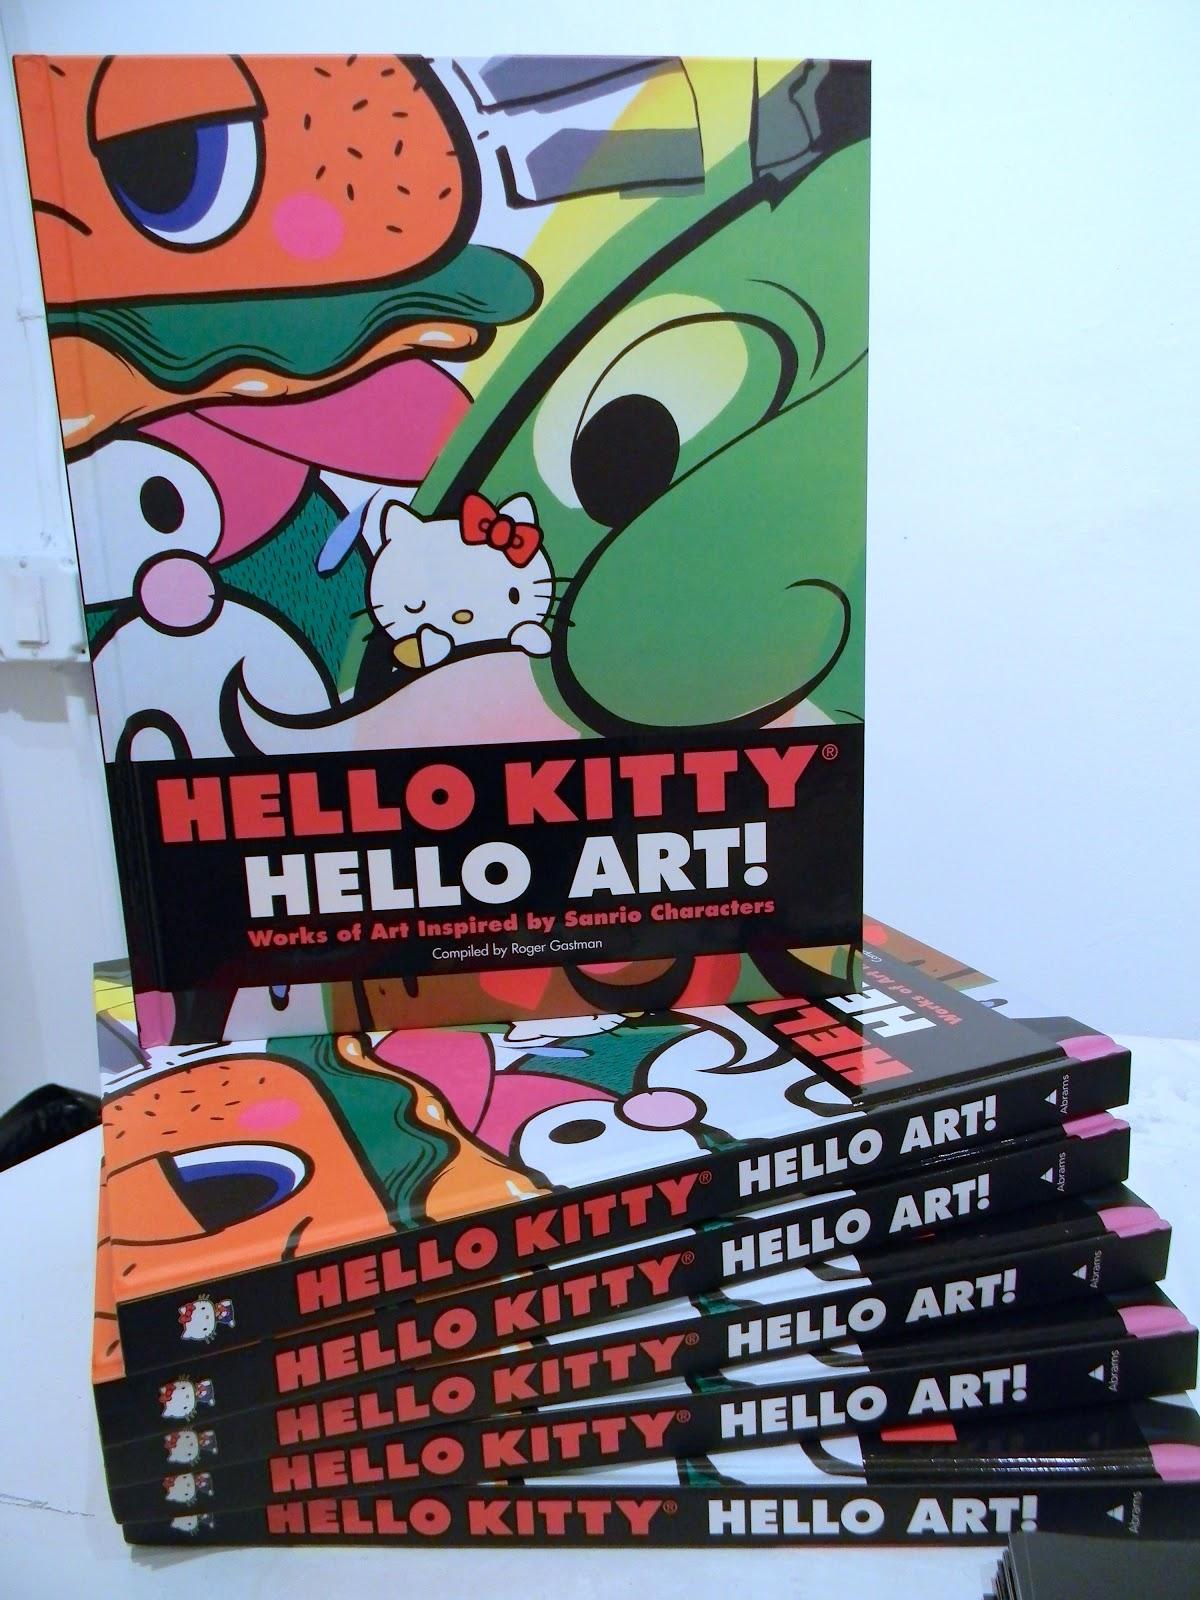 Art fashion salon hello kitty hello art - Hello kitty hello ...